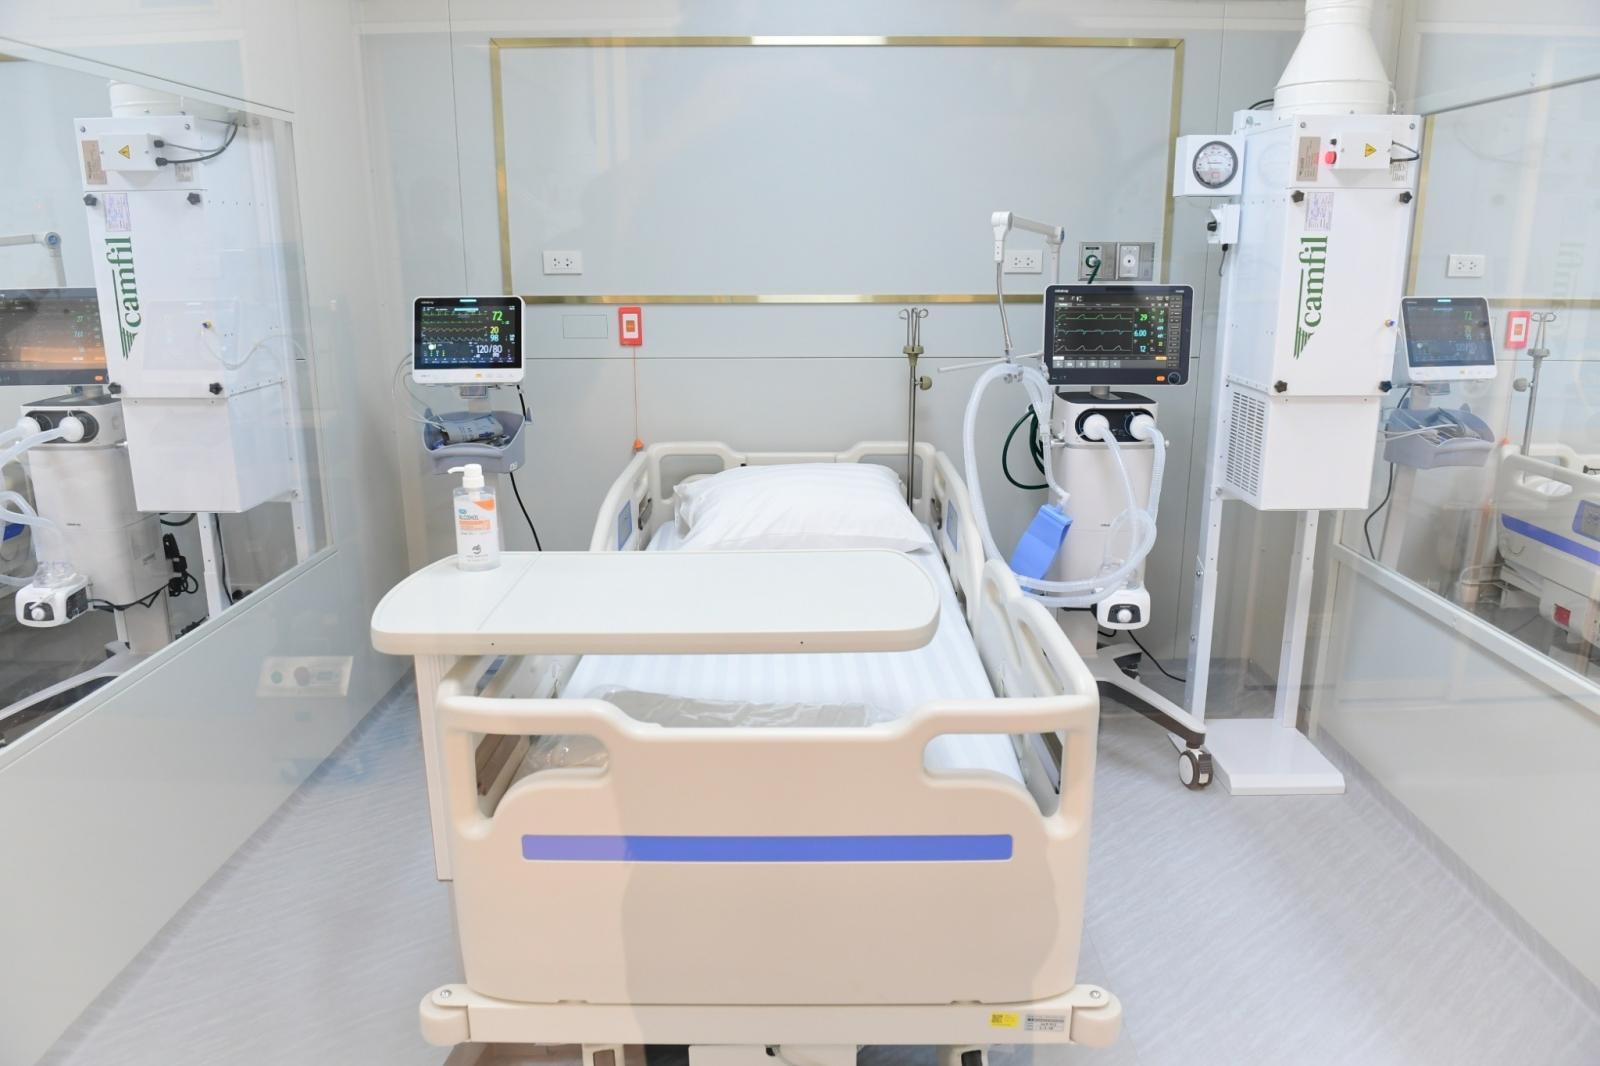 """รพ.ปิยะเวท มอบ """"หนังสือขอบคุณ"""" เครือซีพี-ซีพีเอฟ ร่วมสร้างโรงพยาบาลสนามครบวงจร """"โครงการลมหายใจเดียวกัน"""""""